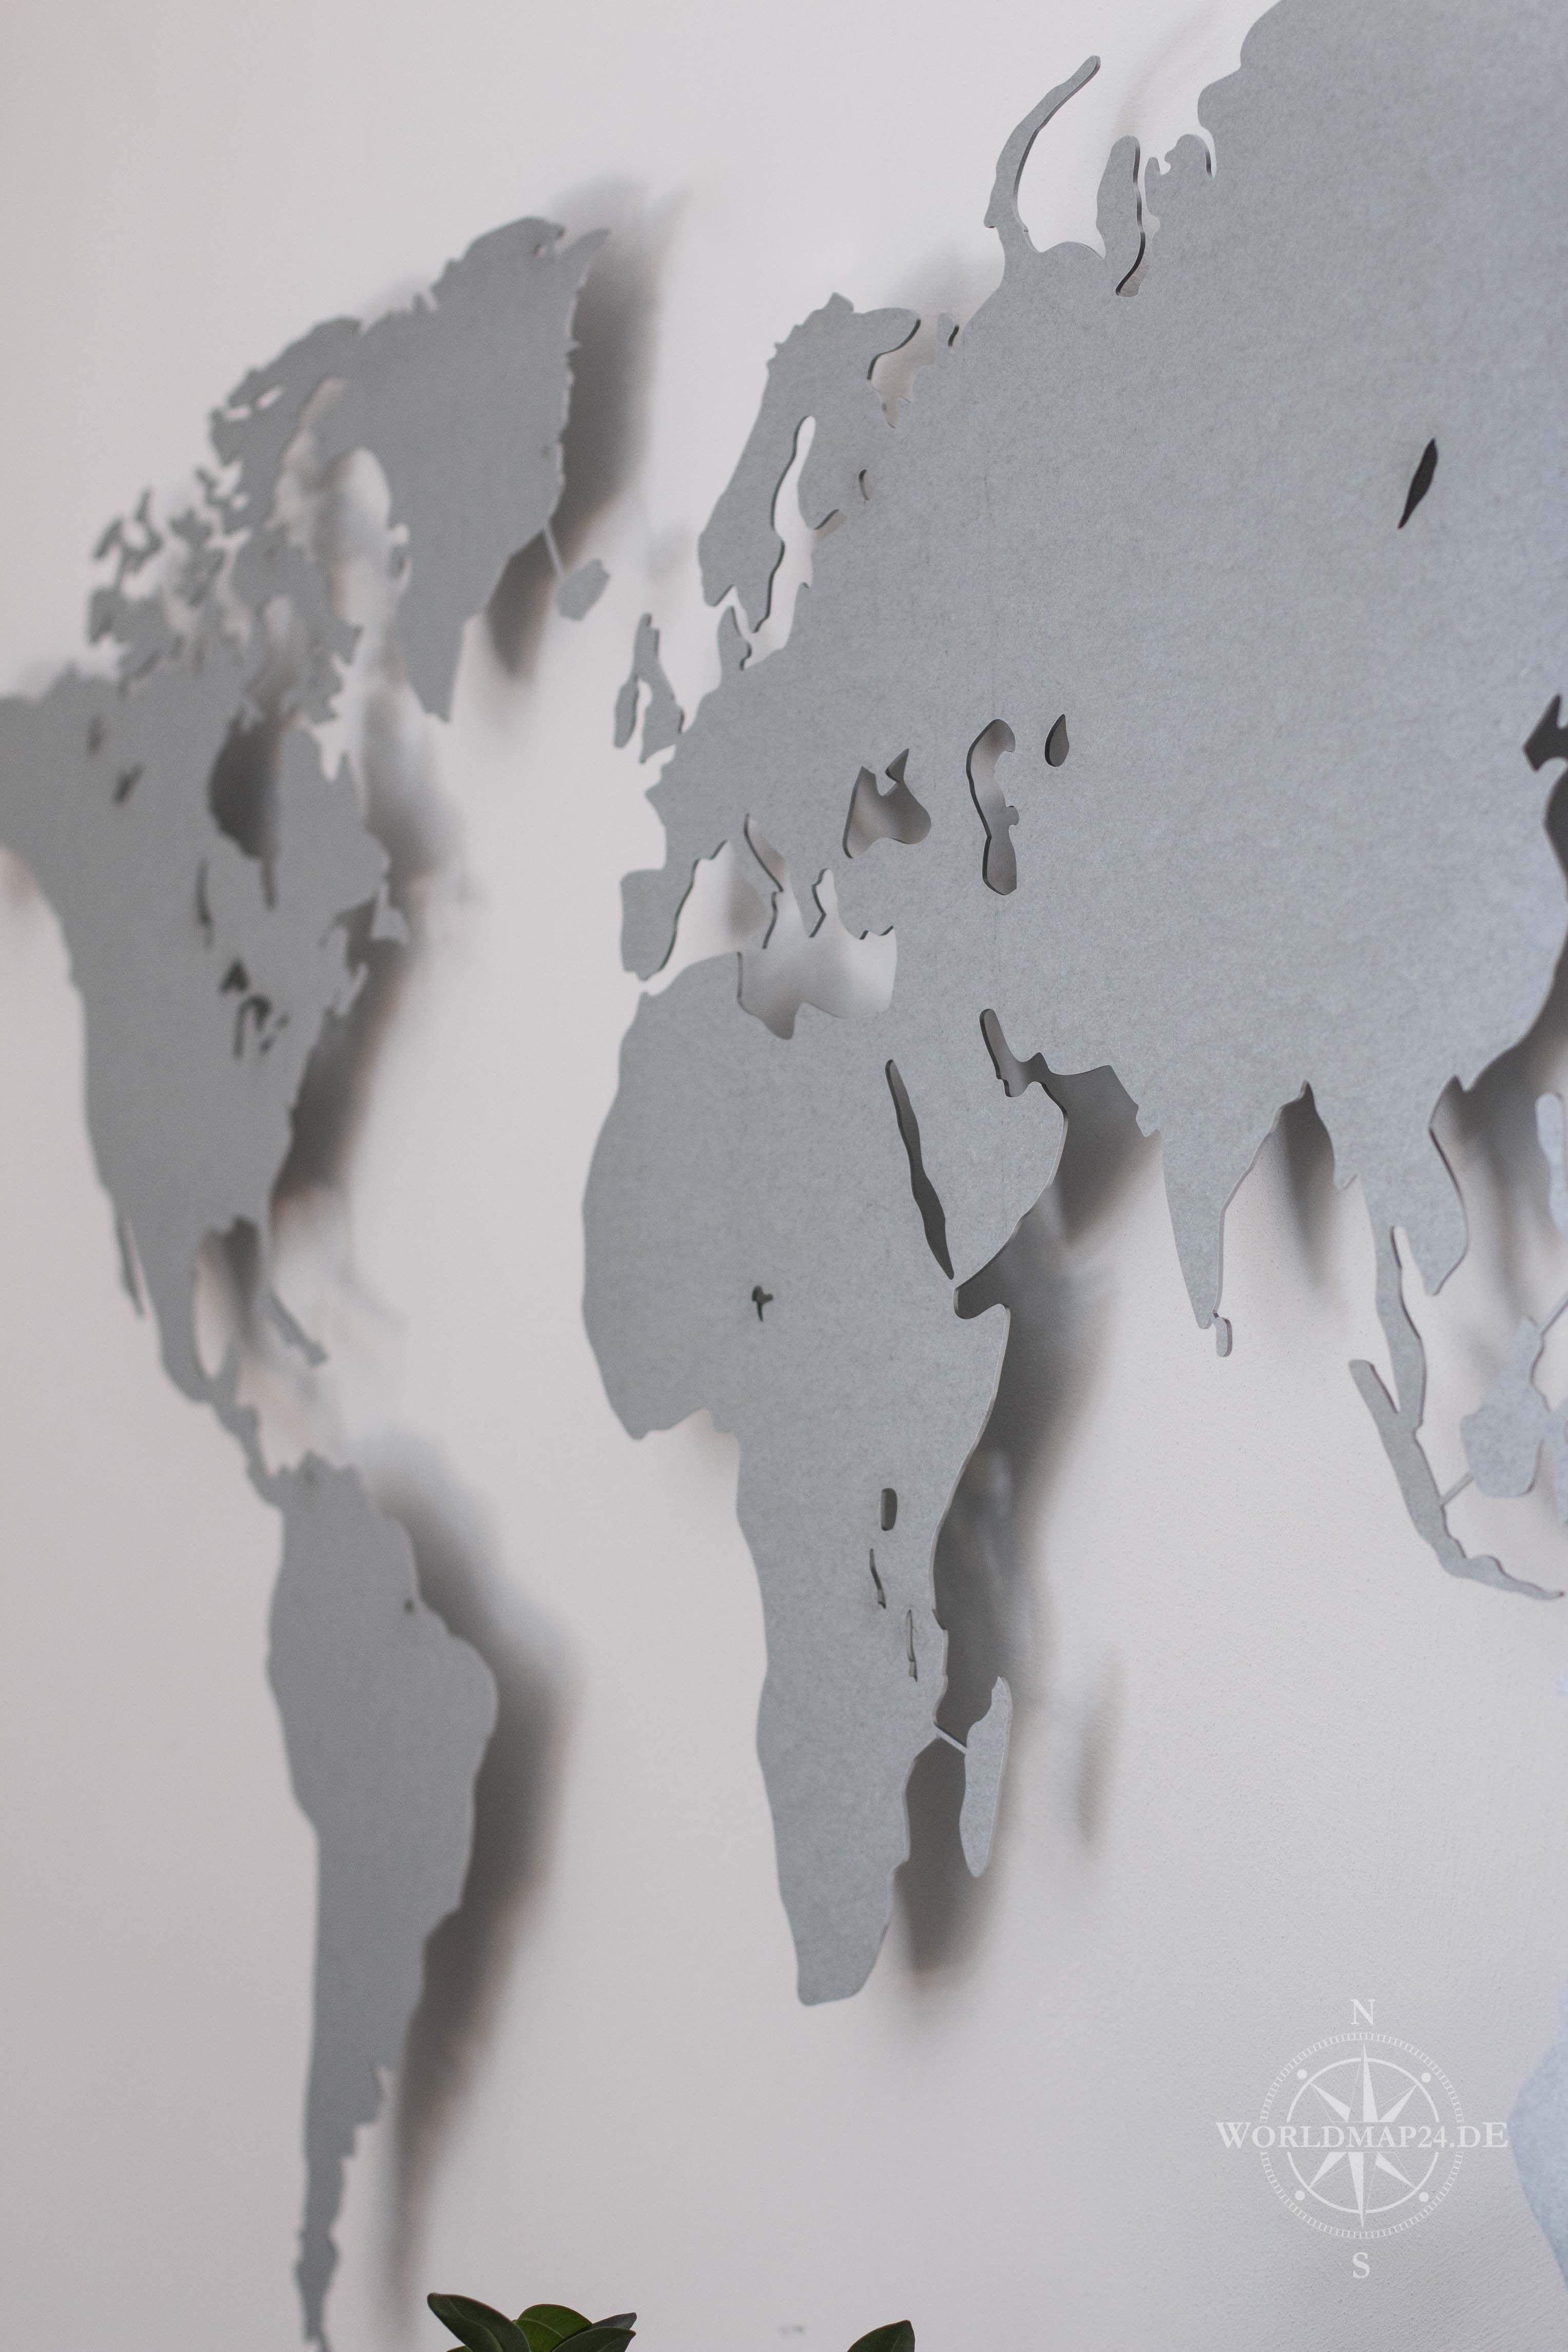 Design-Weltkarte aus Stahl (verzinkt)   Weltkarte, Stahl und Designs